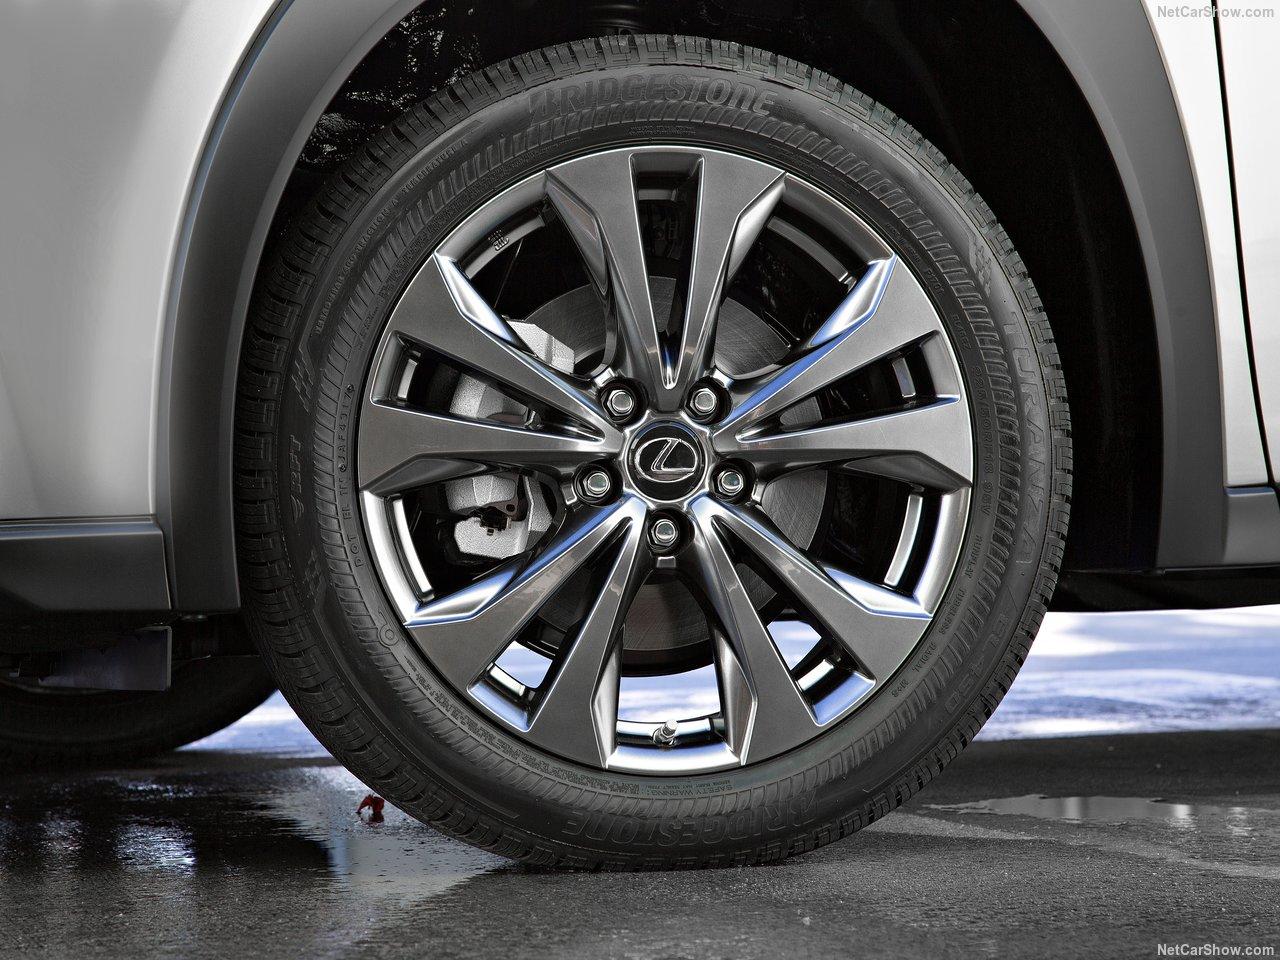 Lexus-UX-2019-1280-57_20180713170556fe8.jpg